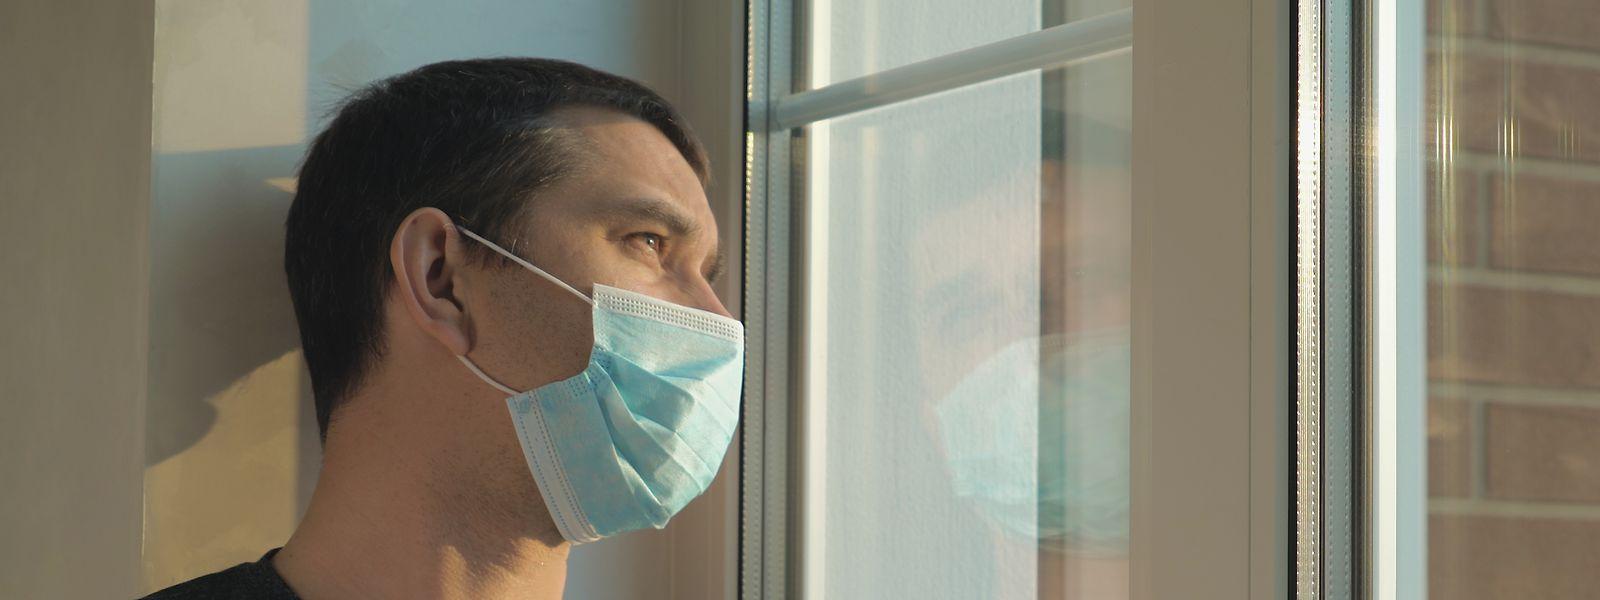 Wer nachweislich längeren Kontakt zu einem Covid-Infizierten hatte, der ist zu einer siebentägigen Quarantäne verpflichtet.